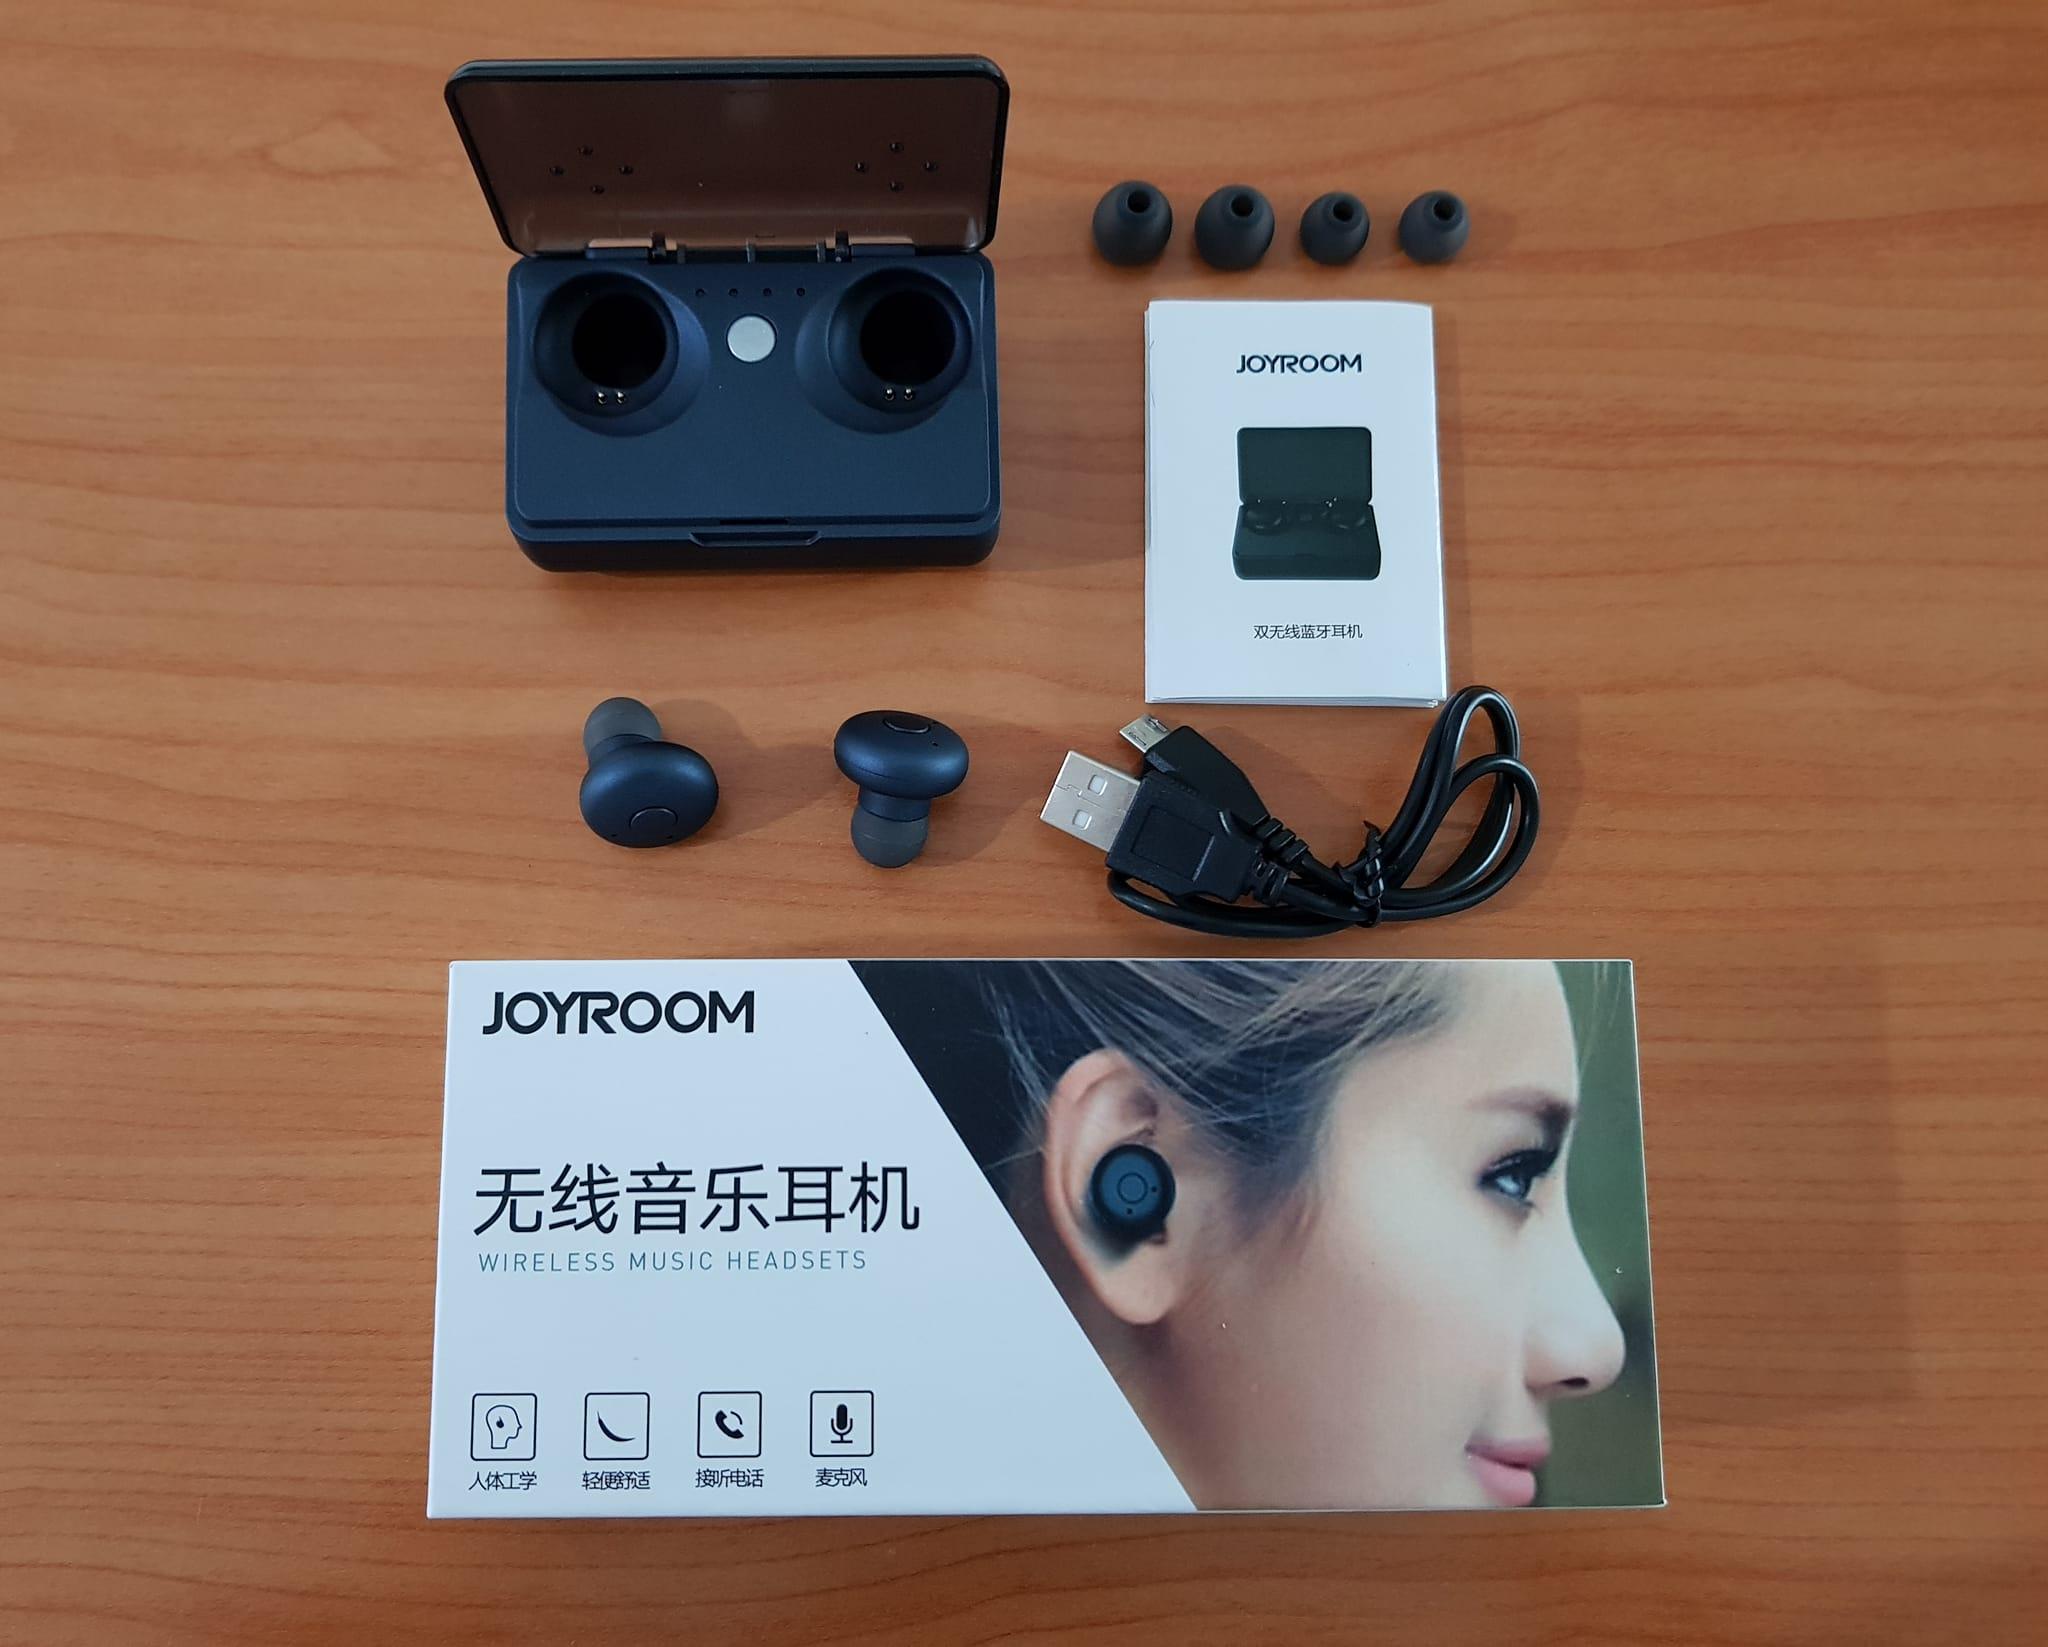 JOYROOM E 20 หูฟังบลูทูธ 4.1 + EDR ที่มาพร้อมกับกล่องชาร์จขนาด 2200 mAh ซึ่งสามารถชาร์จหูฟังได้เป็นอาทิตย์ และสามารถชาร์จมือถือได้